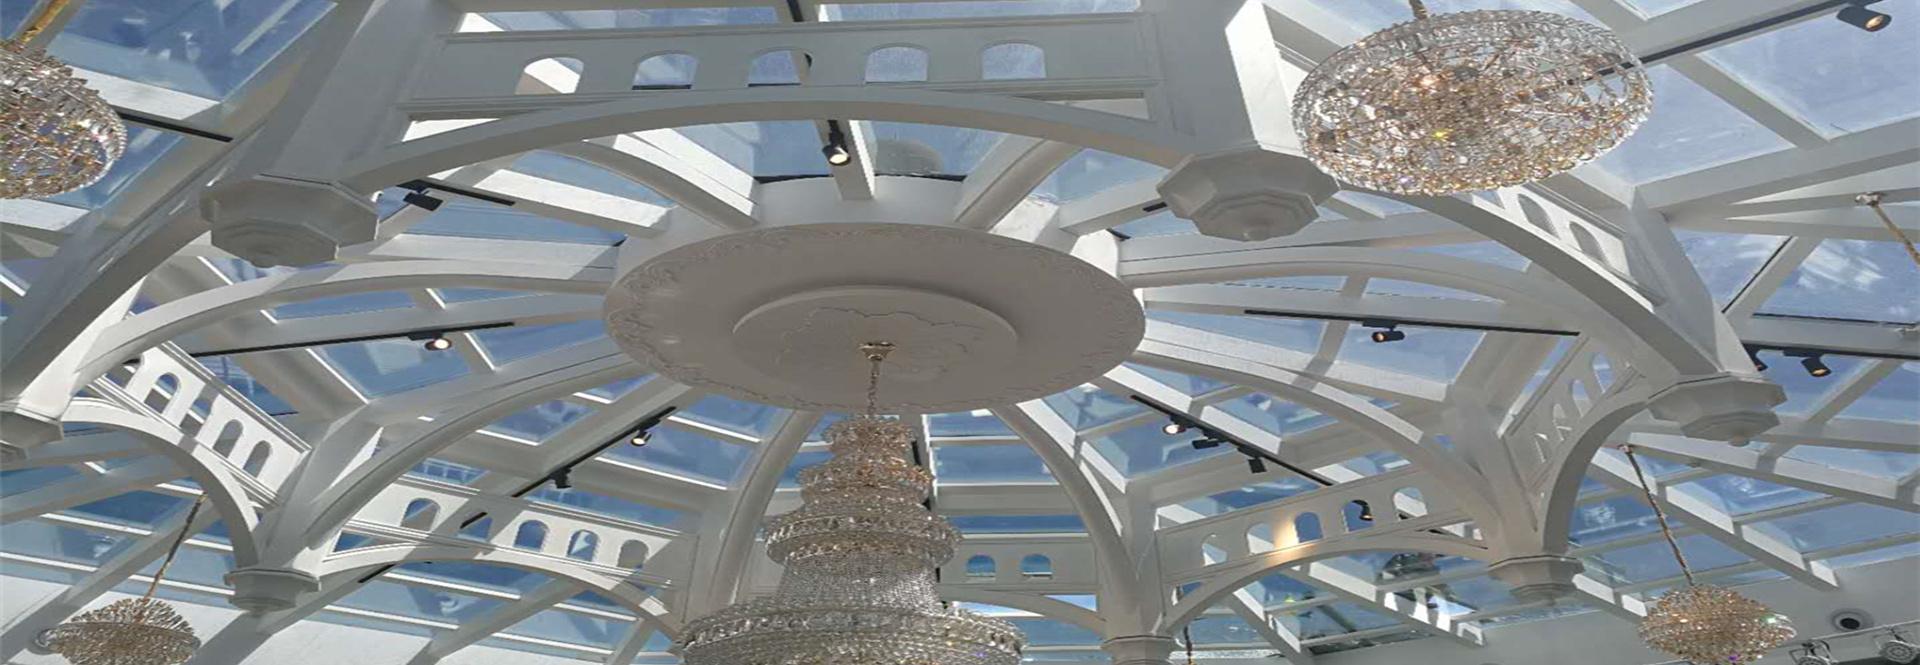 建筑玻璃贴膜的起源及发展阐述